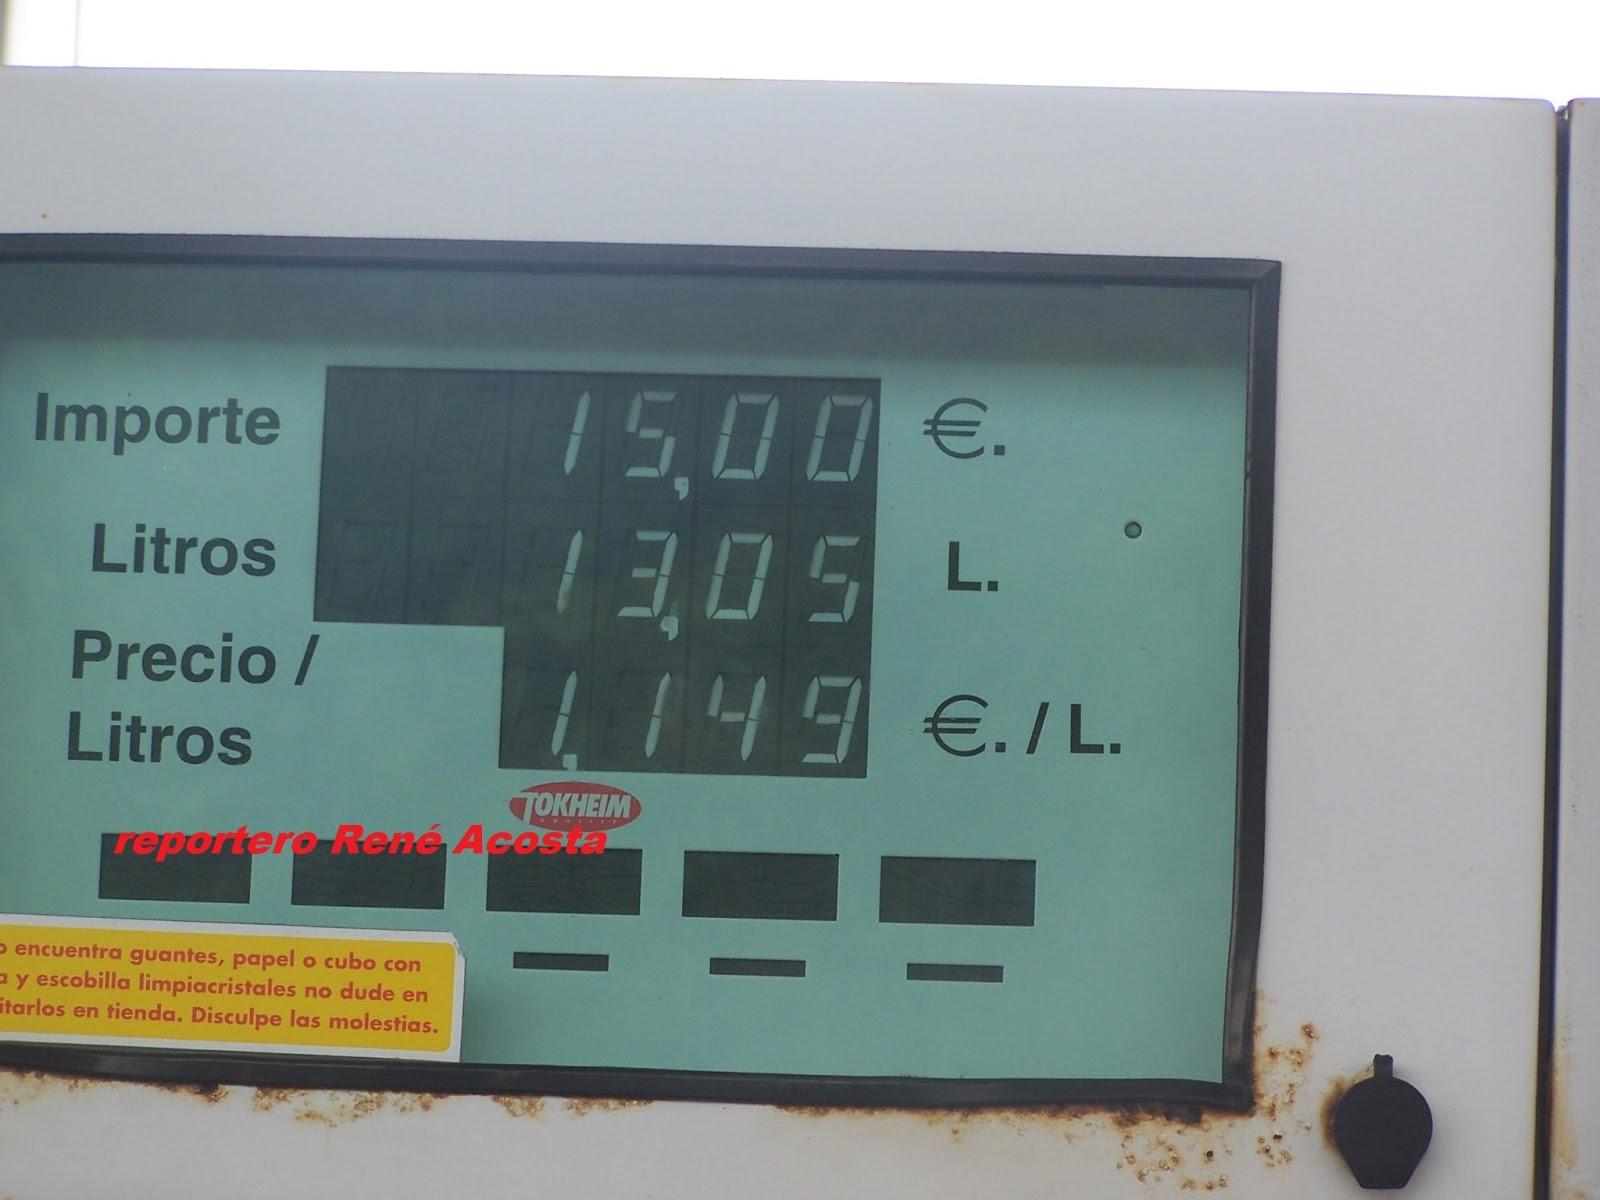 El coche que gasta poco la gasolina